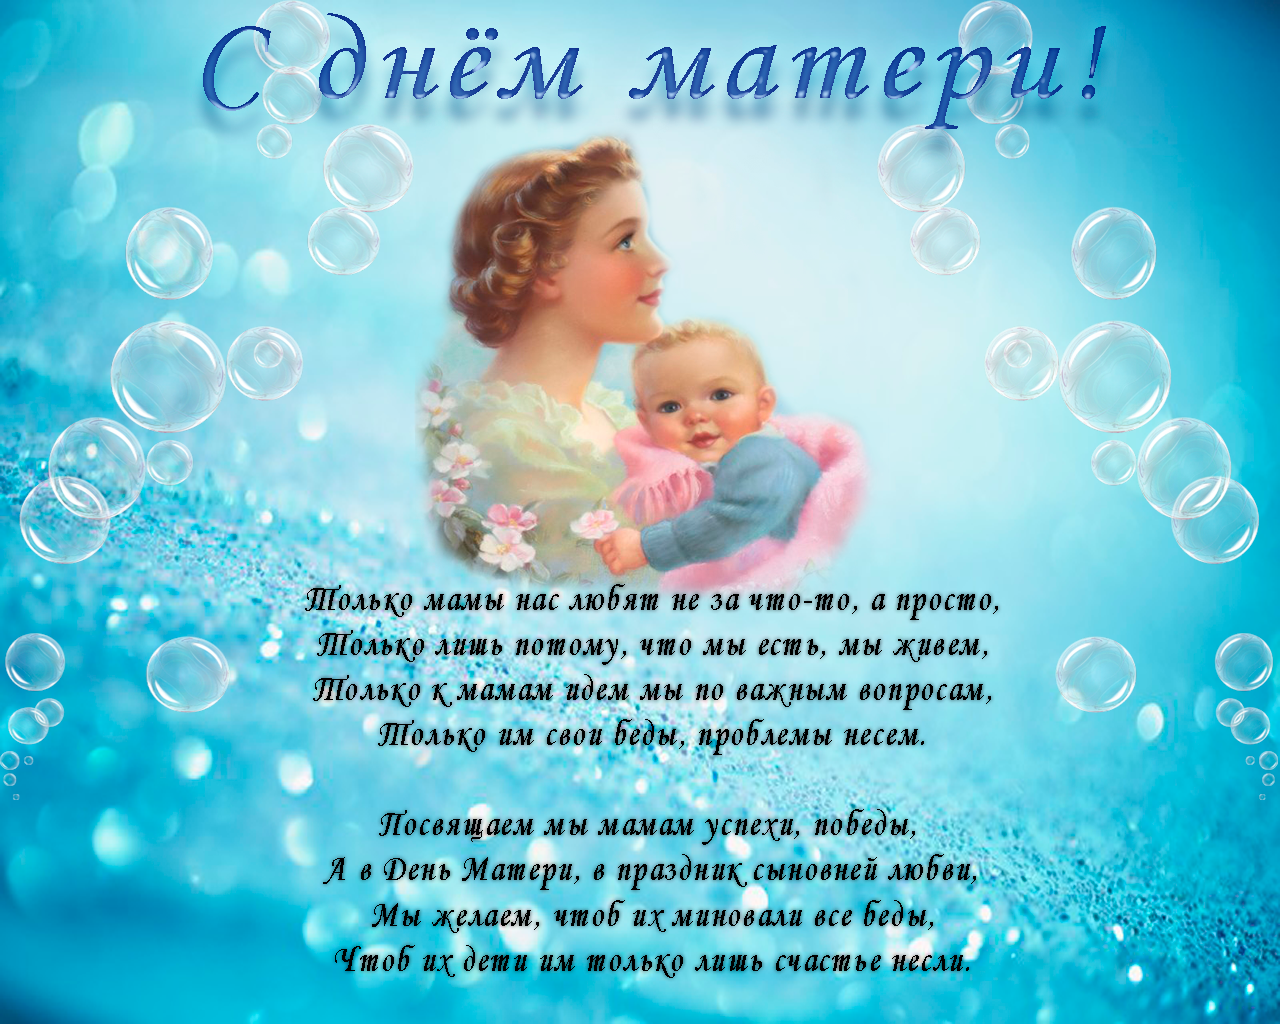 Поздравление текст для мамы